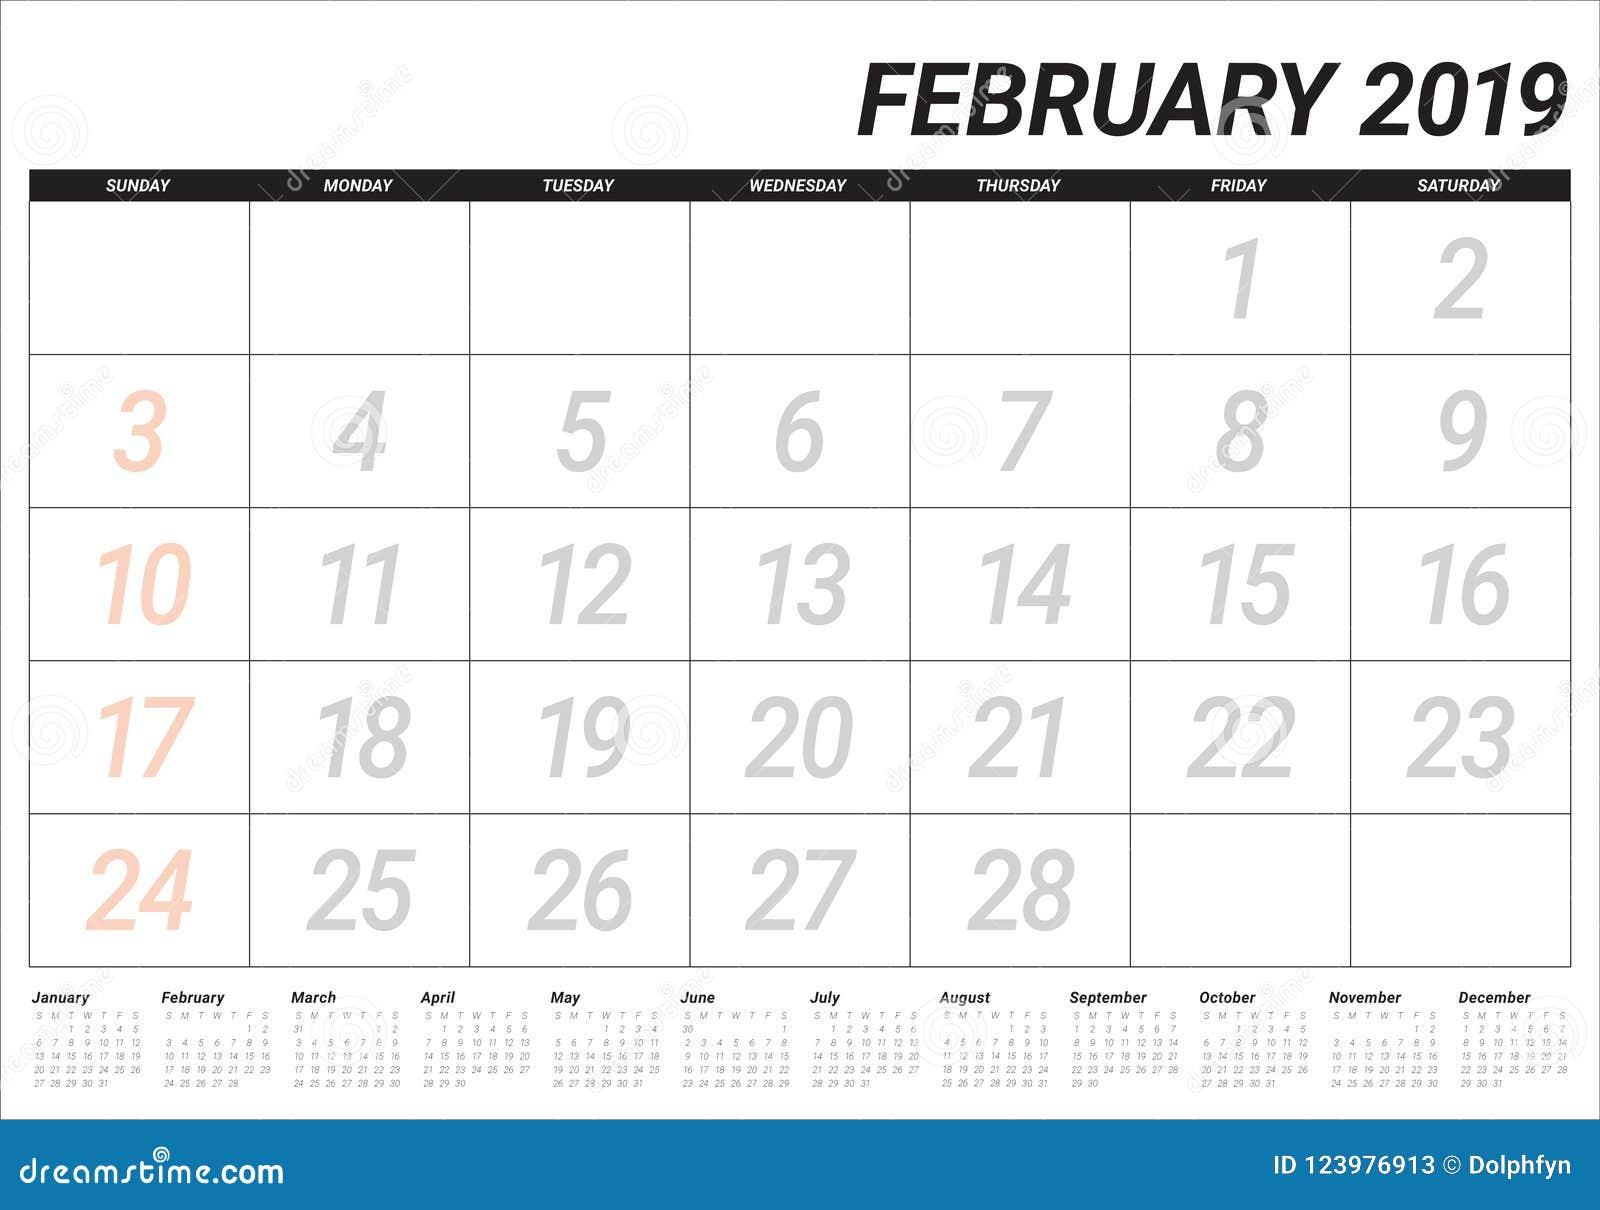 February Calendar 2019 Date February 2019 Desk Calendar Vector Illustration Stock Vector